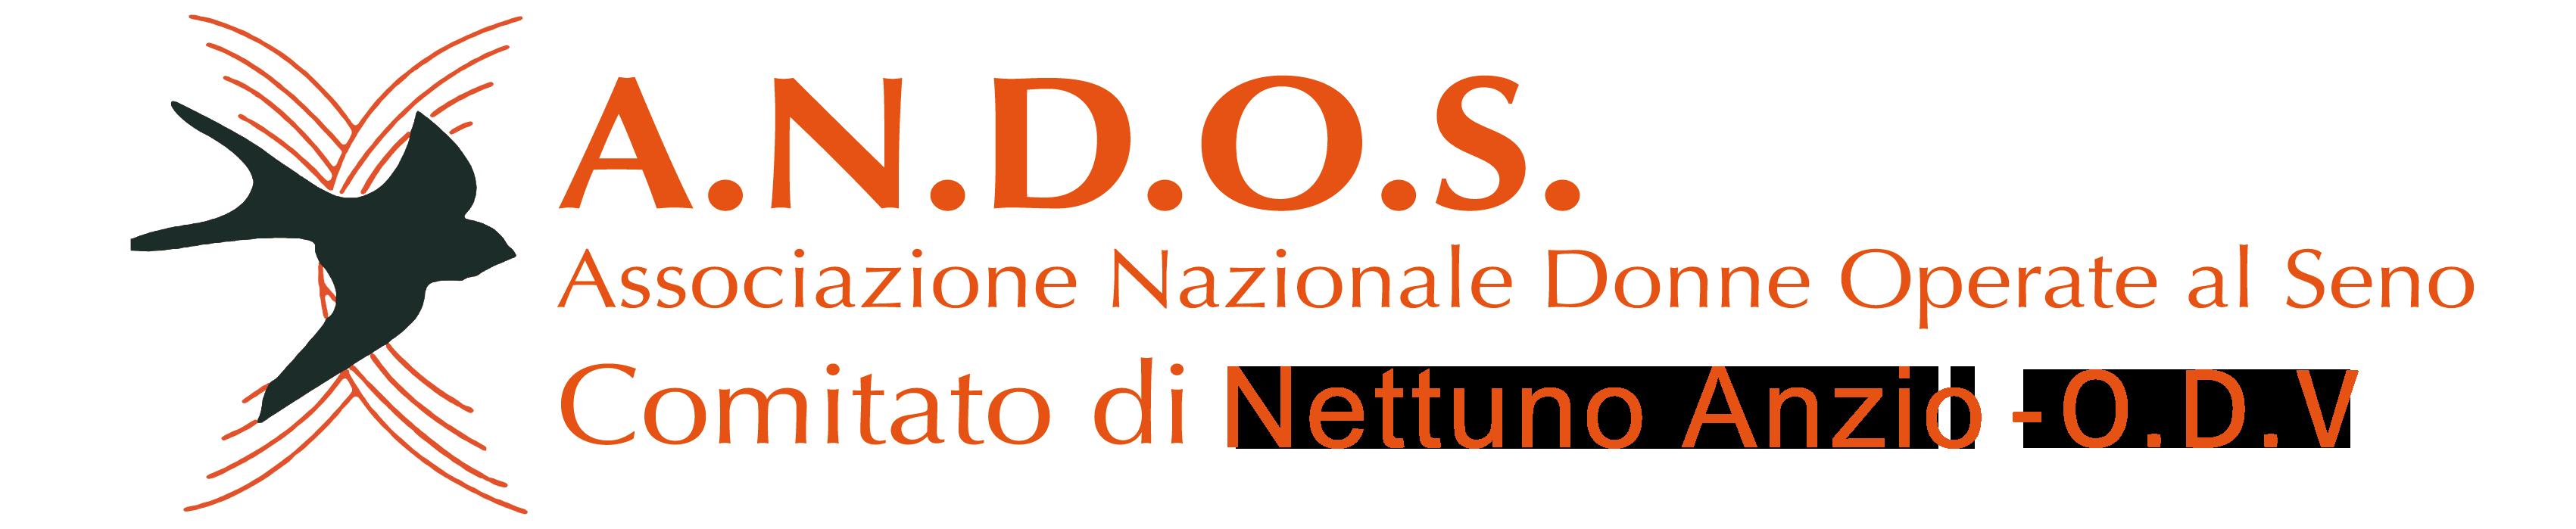 A.N.D.O.S. Nettuno Anzio